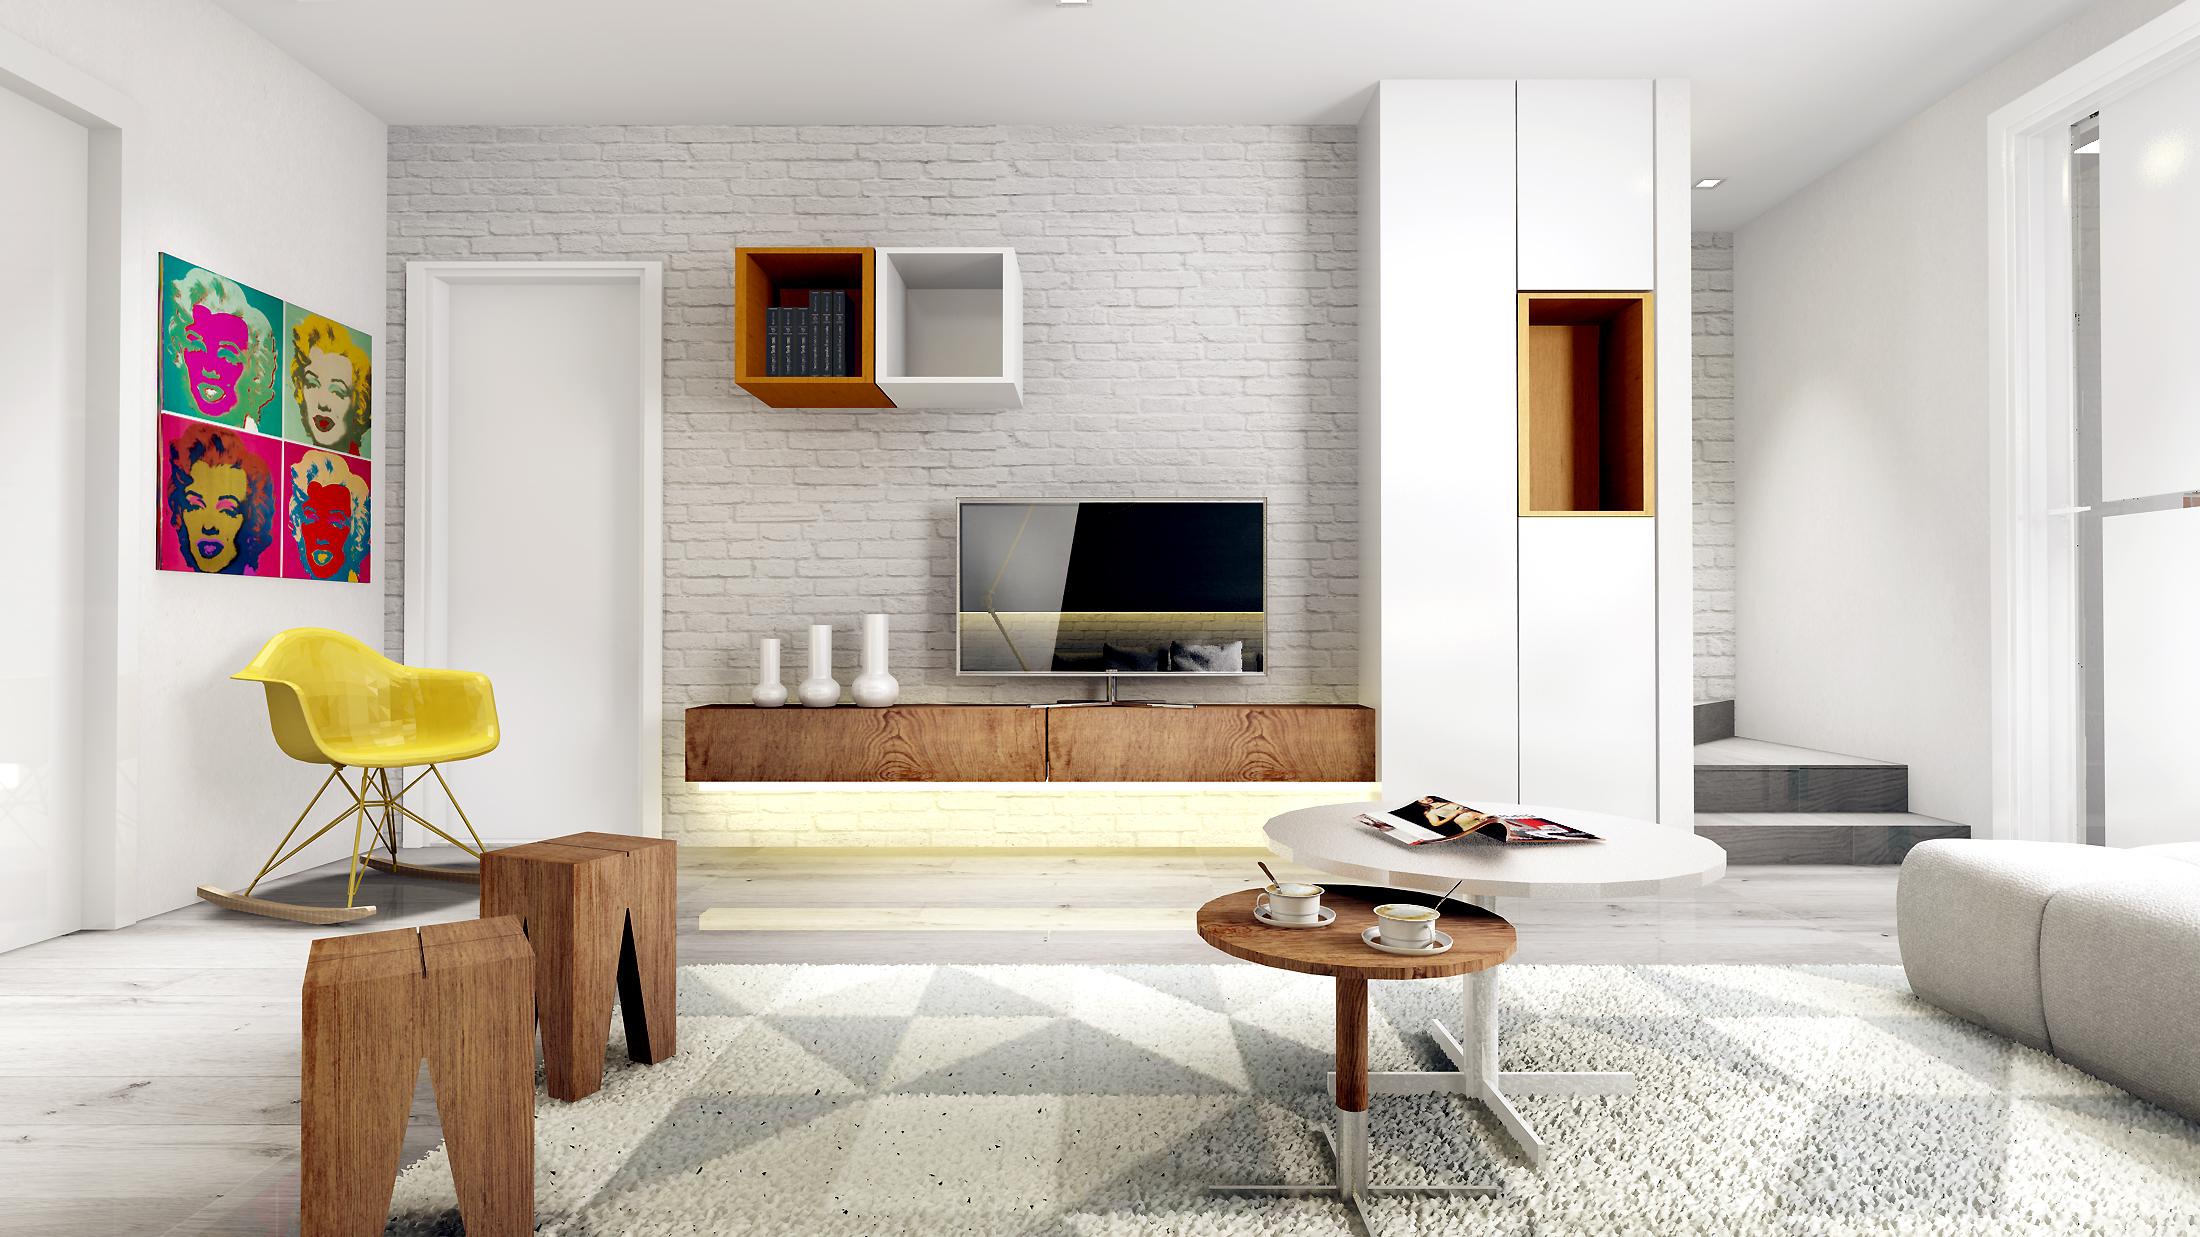 italconst quadrifamiliare interno 013